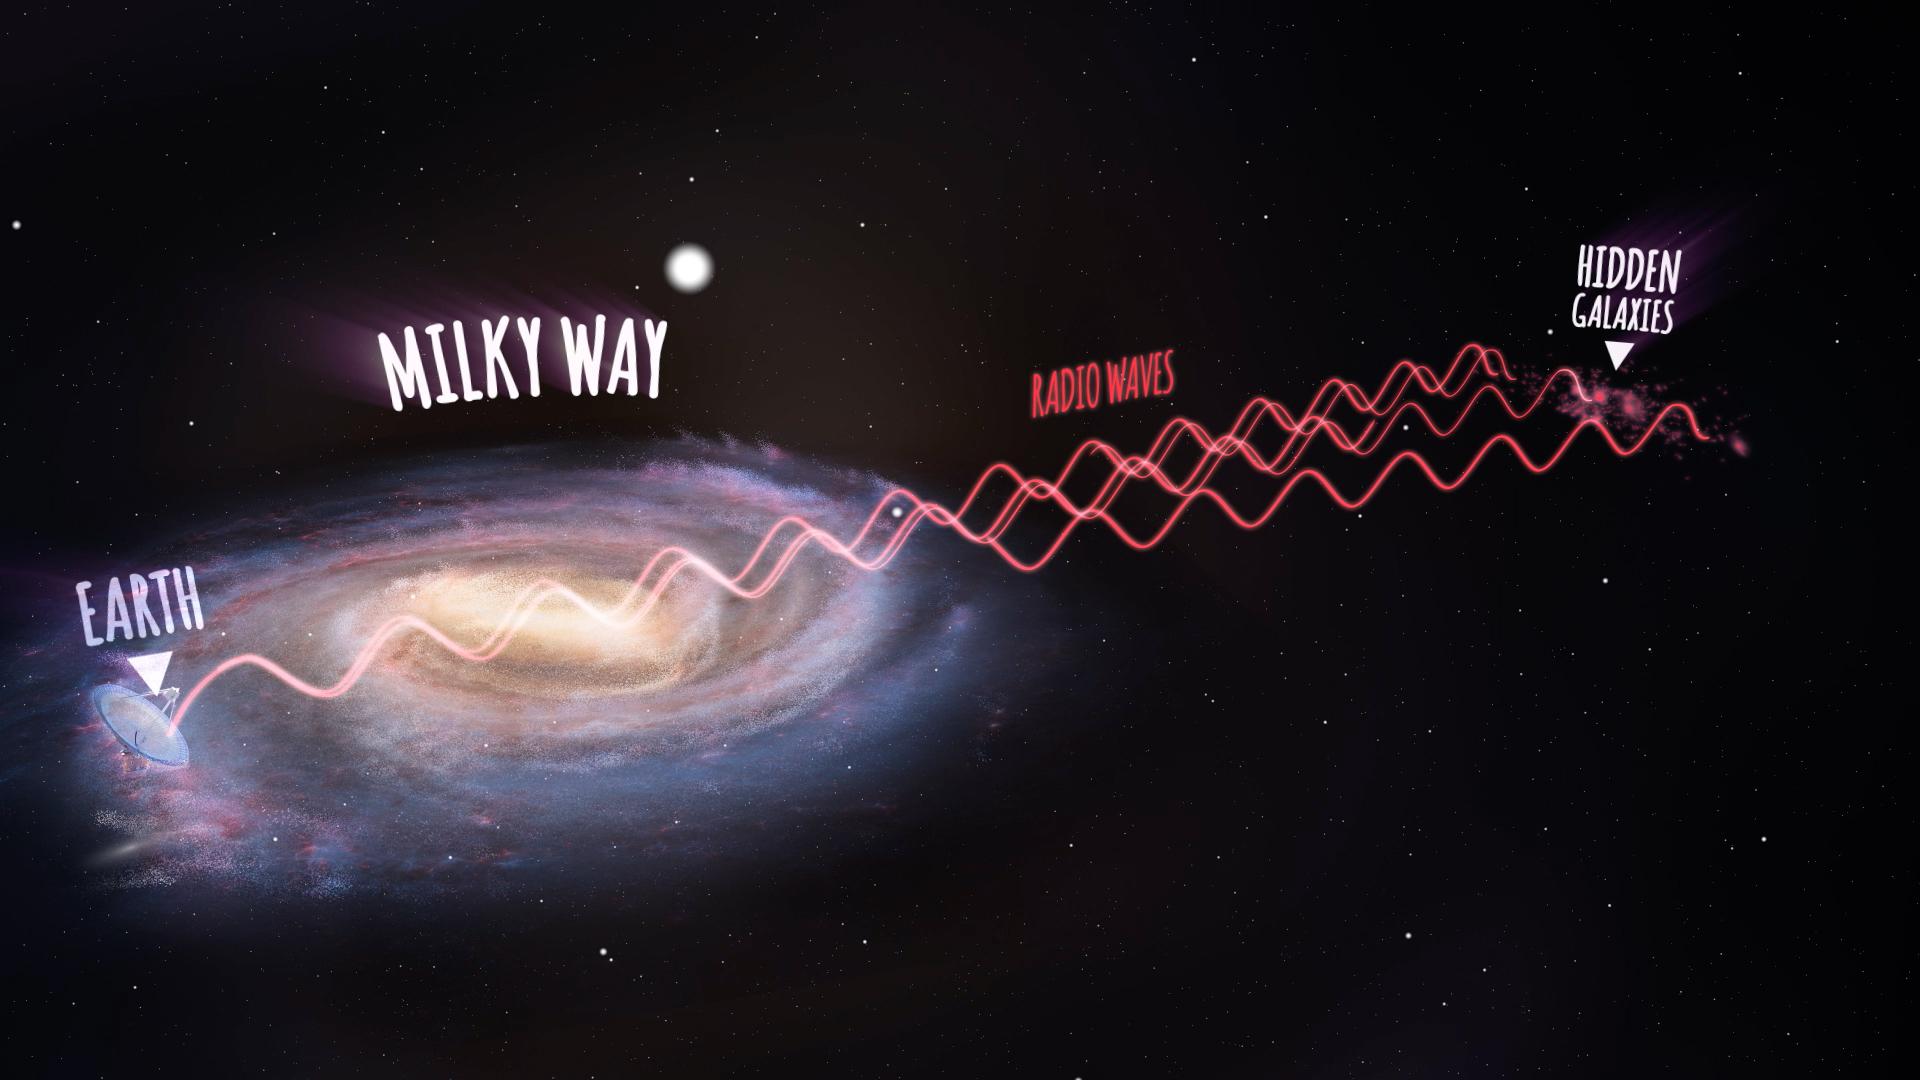 El descubrimiento de galaxias tras la Vía Láctea envuelve ...